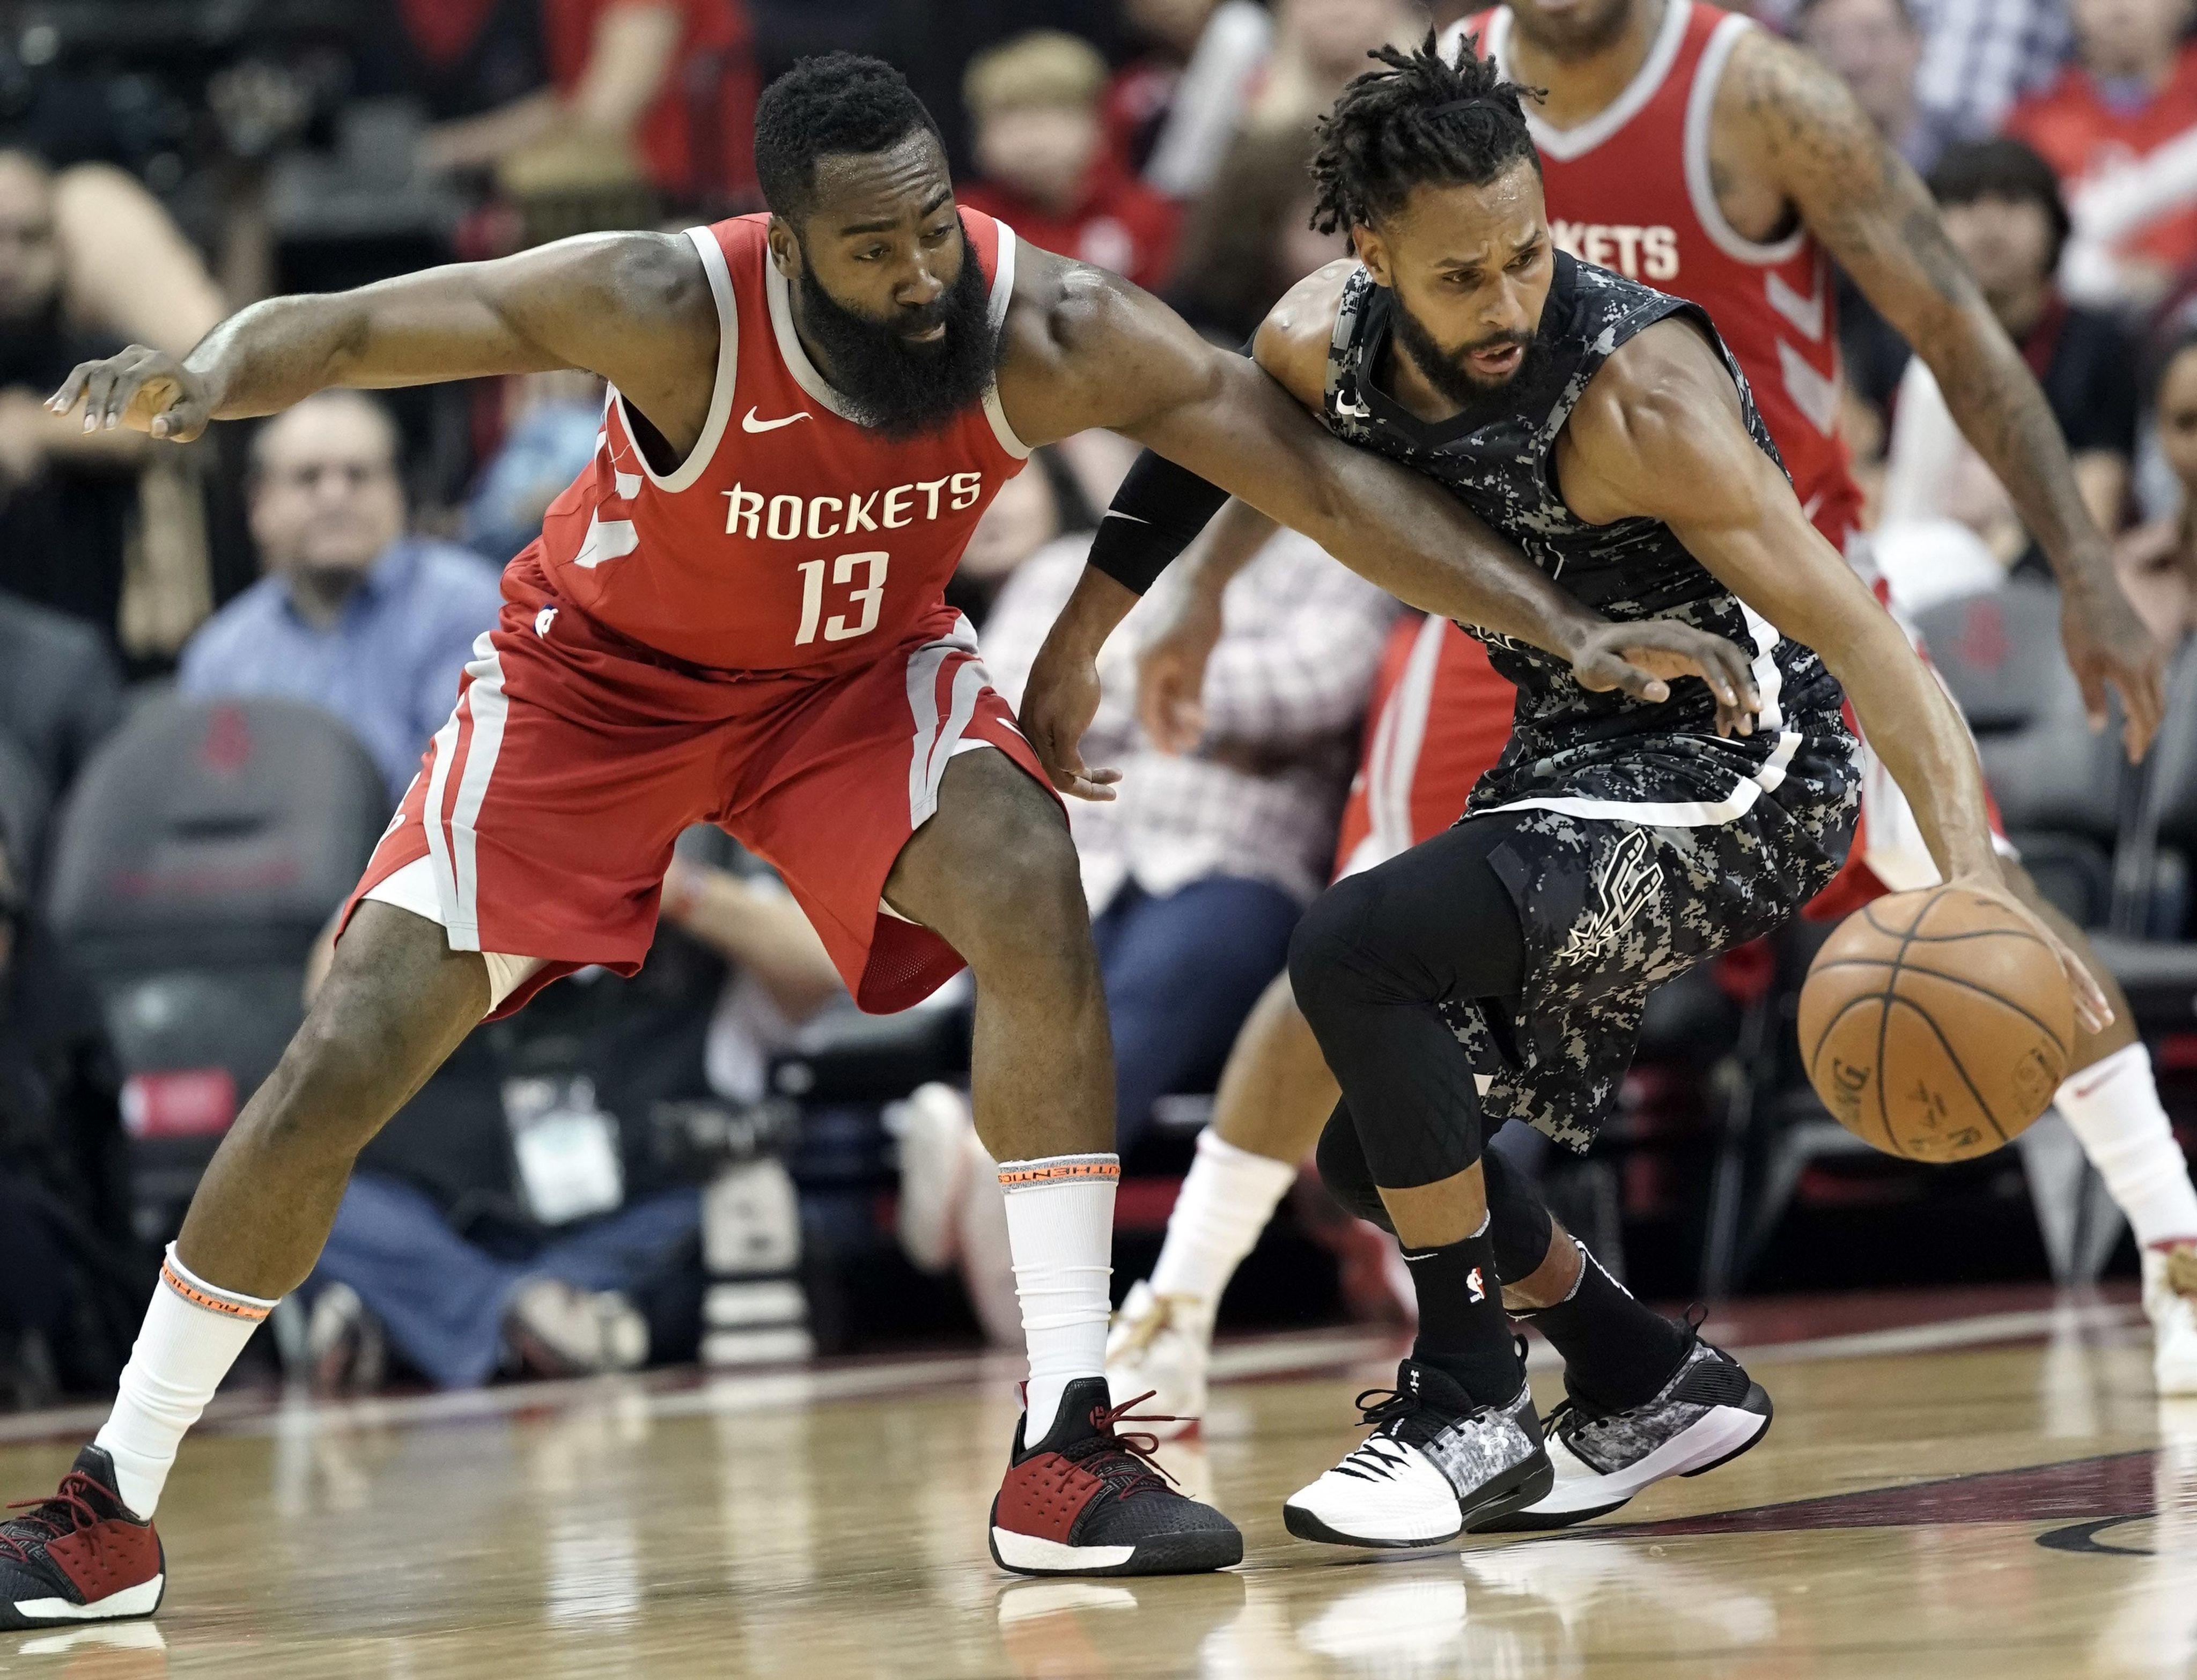 Spurs_rockets_basketball_82272_s4096x3132